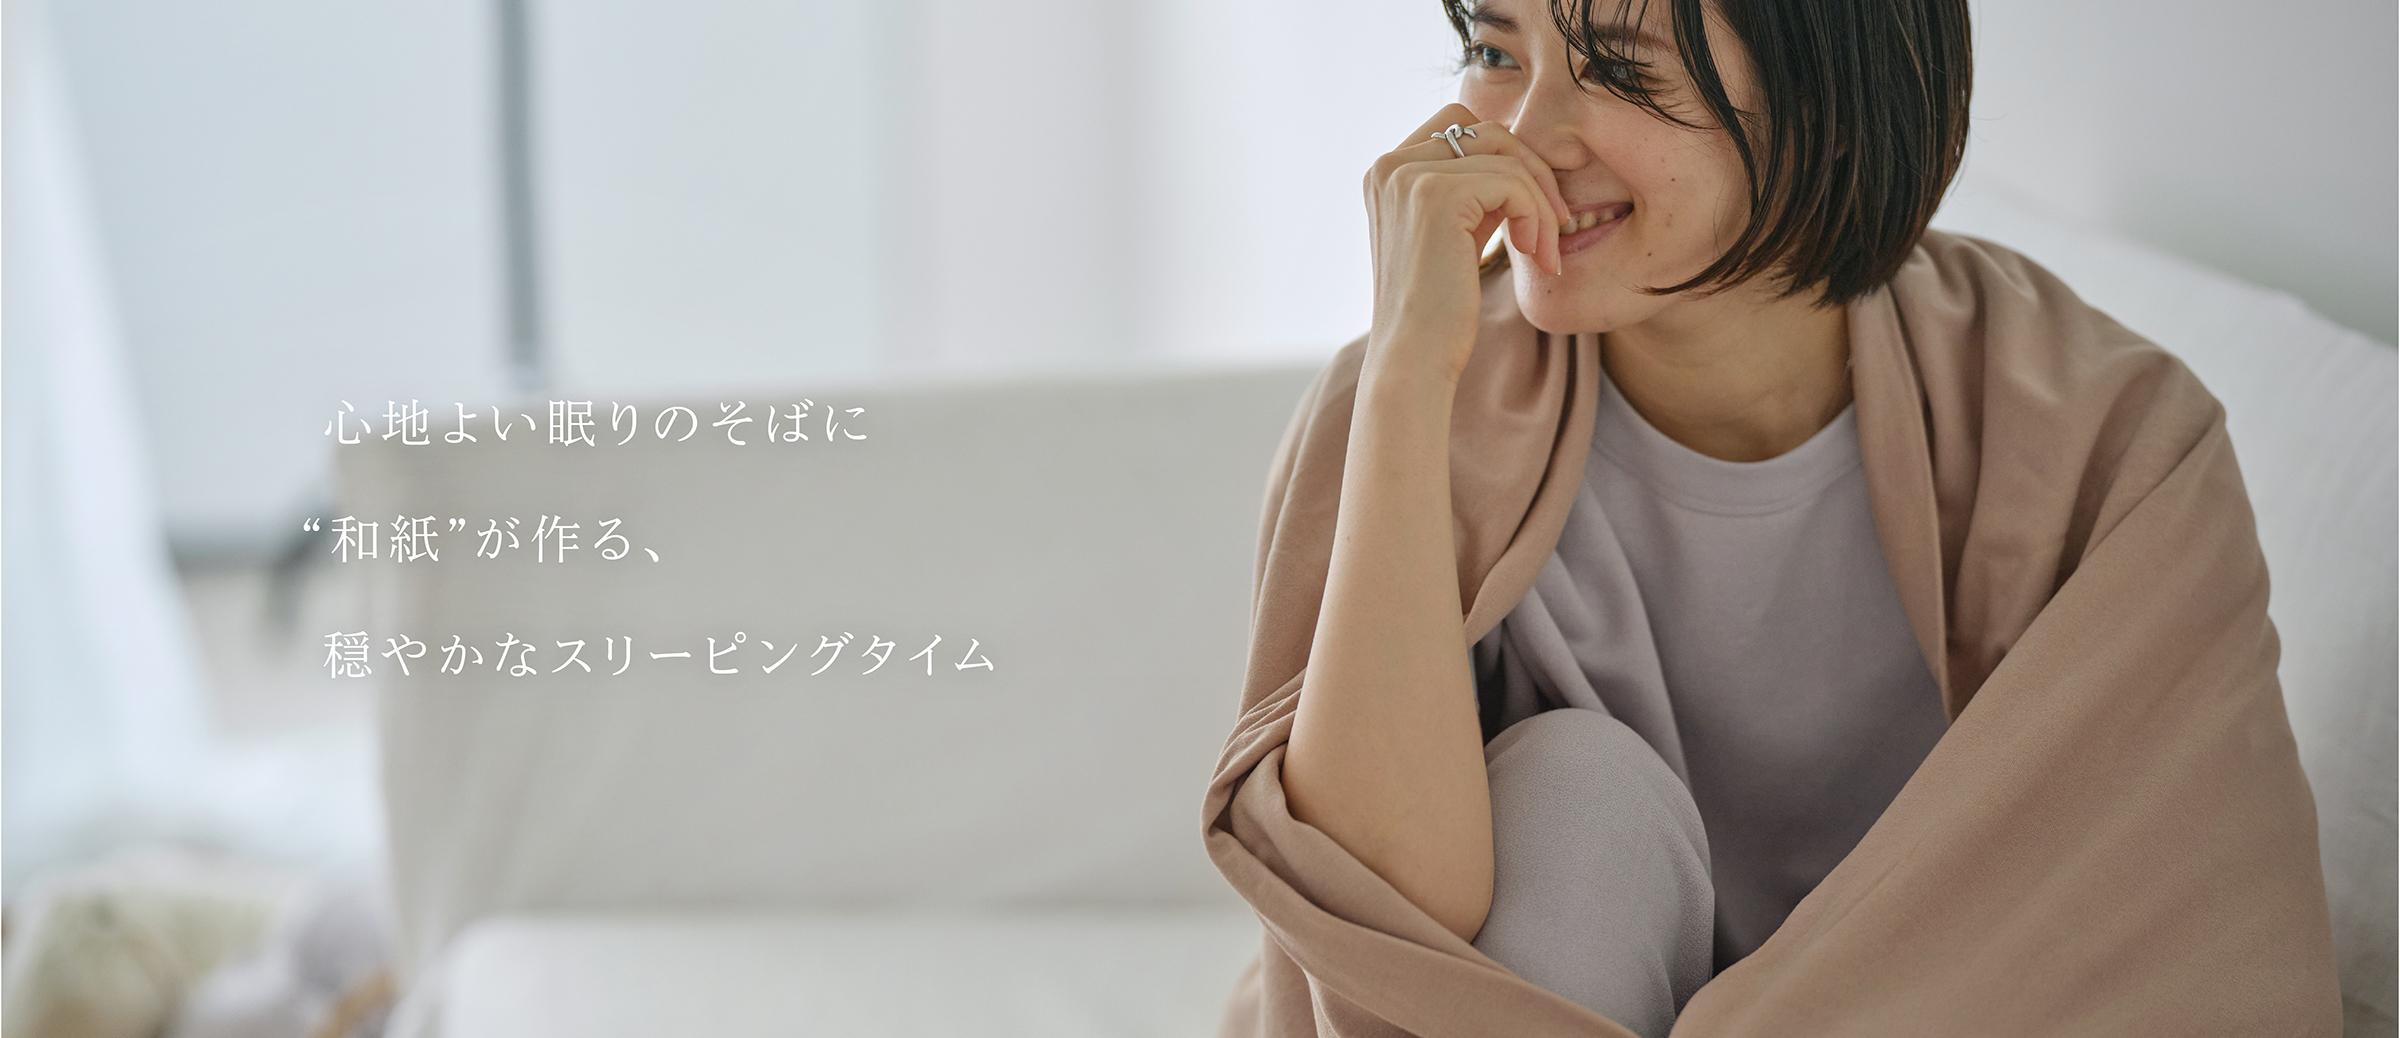 """心地よい眠りのそばに""""和紙""""が作る、穏やかなスリーピングタイム -img"""